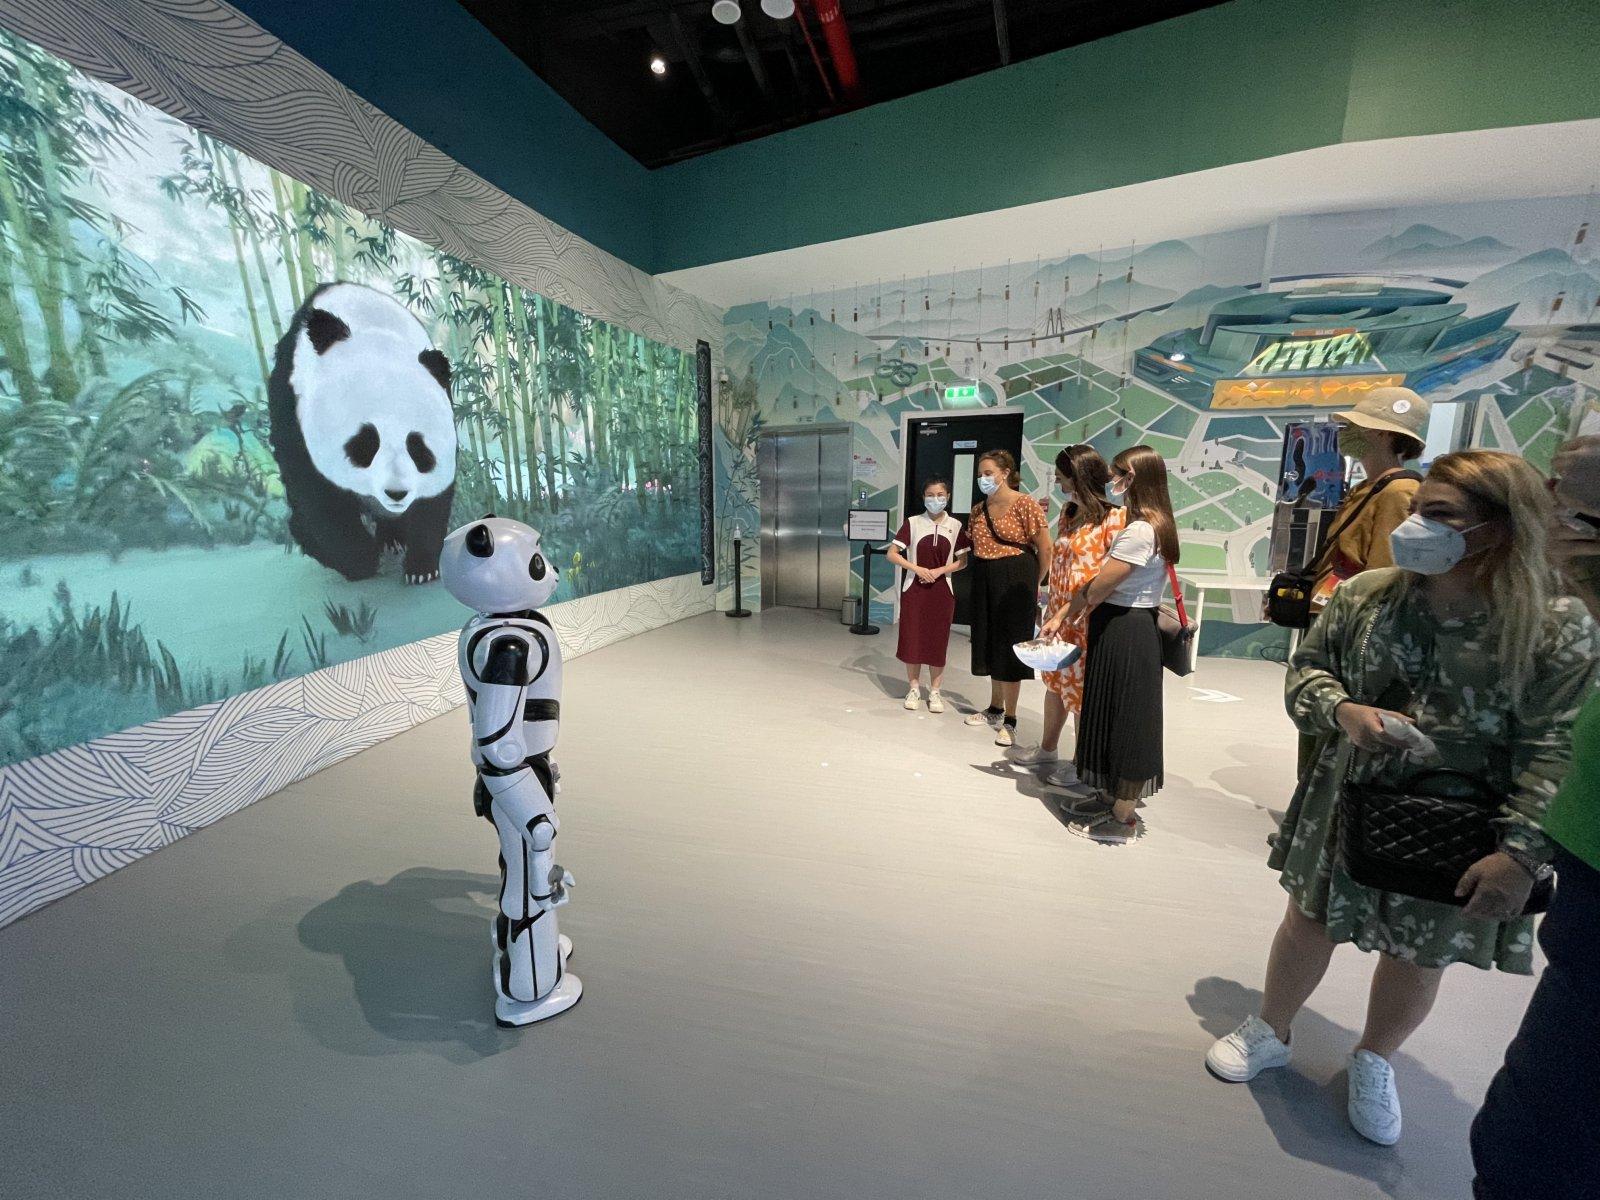 10月1日,觀眾在阿聯酋迪拜世博會中國館觀看智能機器人優悠的表演。(新華社)